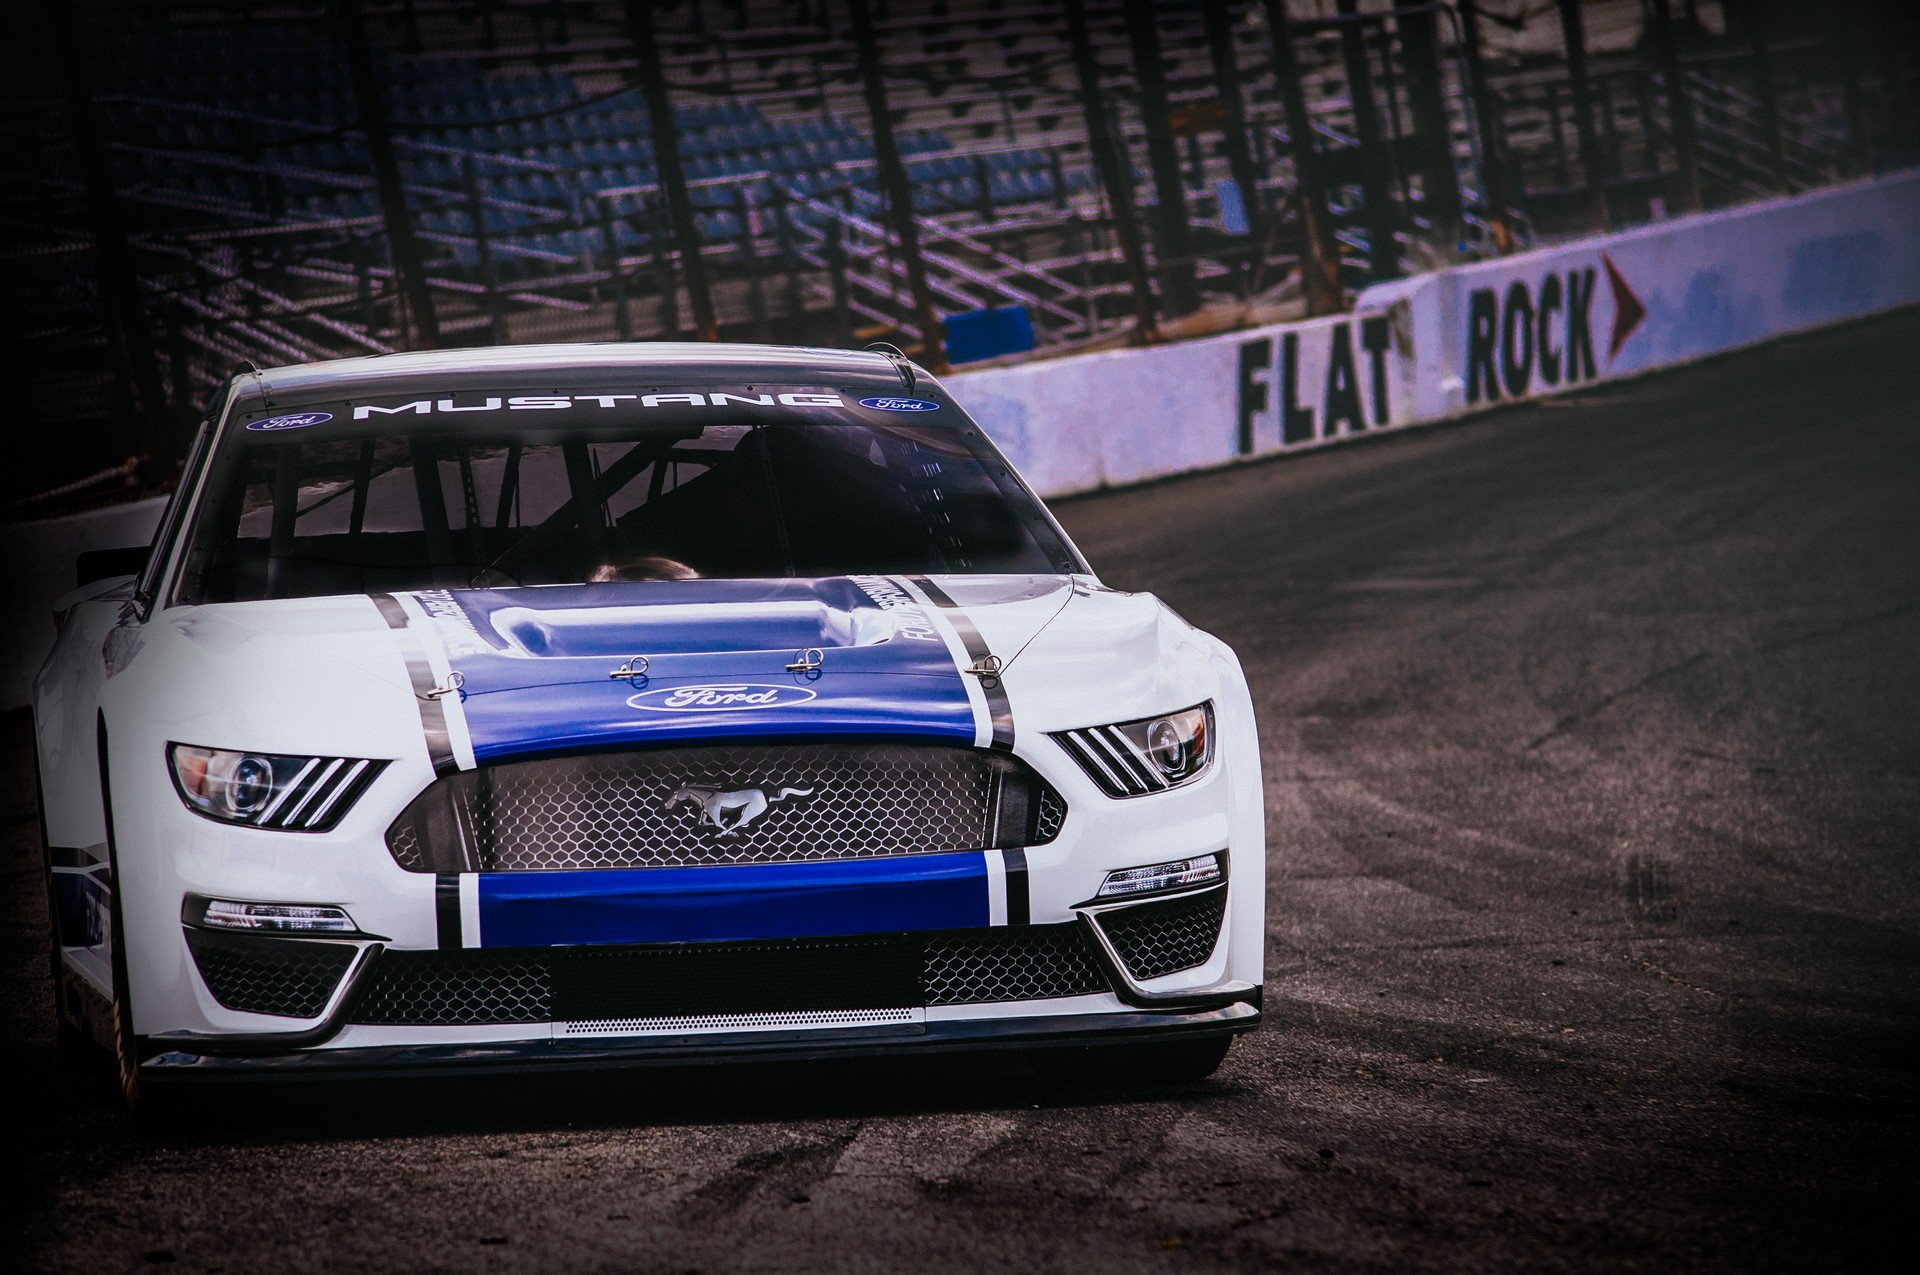 Ford Mustang Monster Energy NASCAR 2019 13